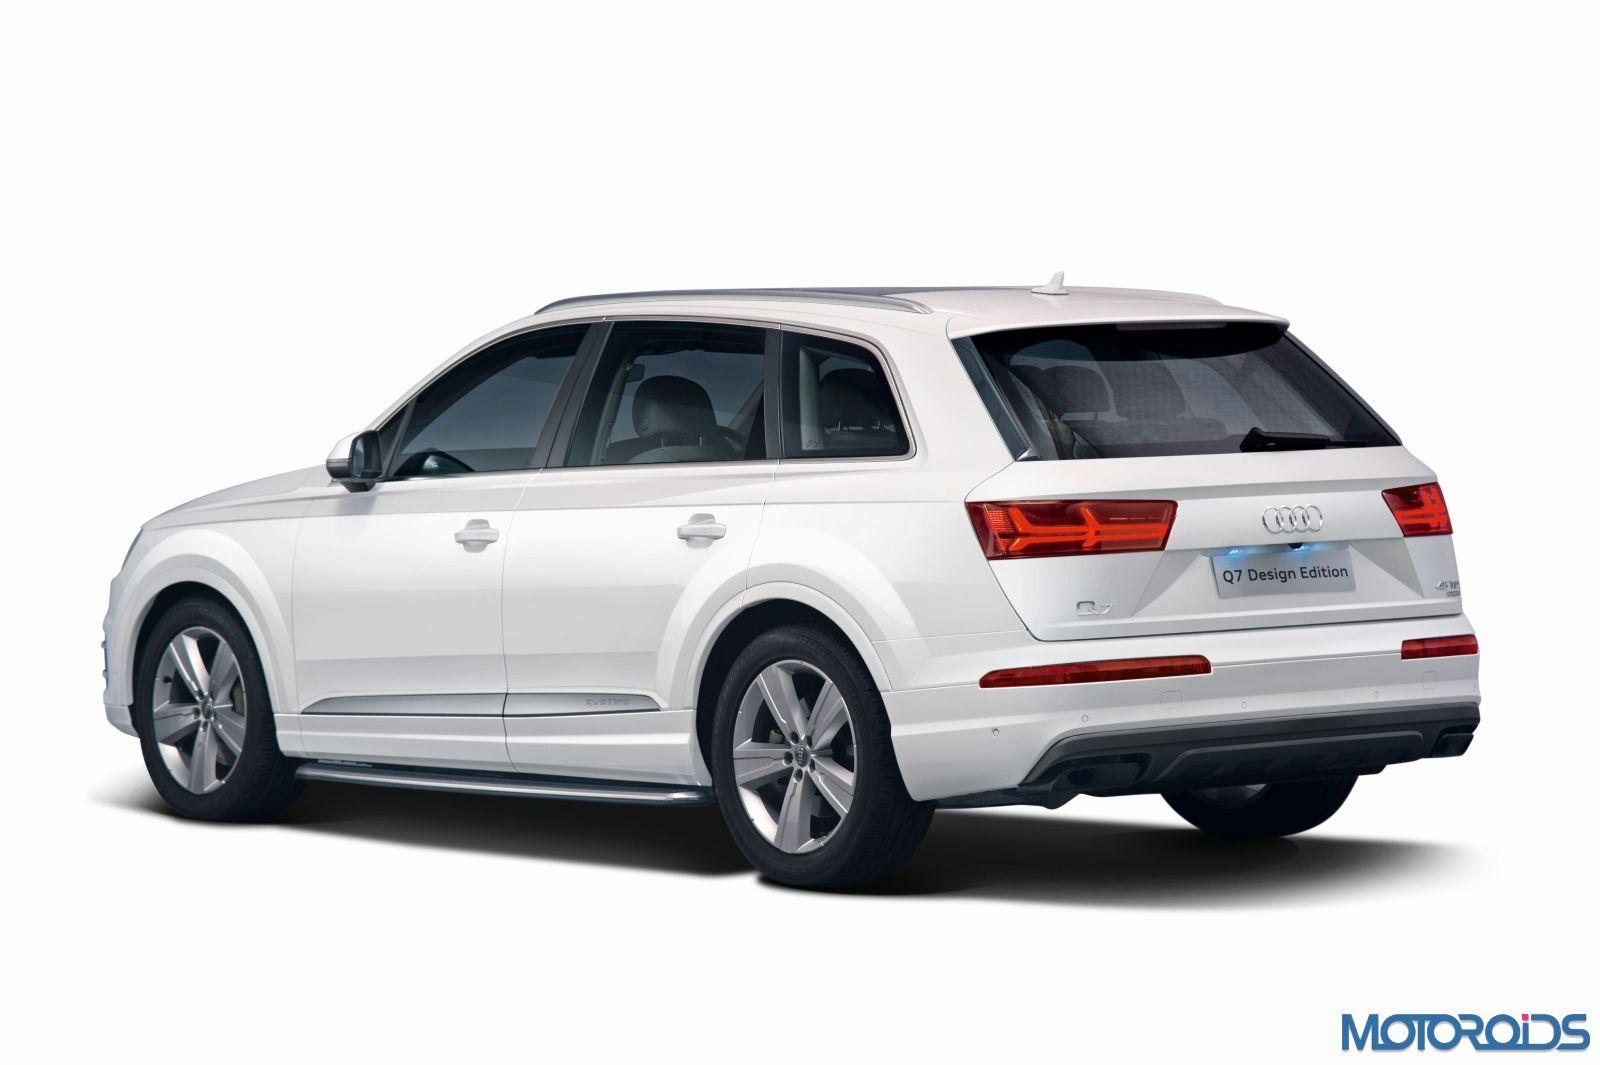 Audi-Q7-Design-Edition-5